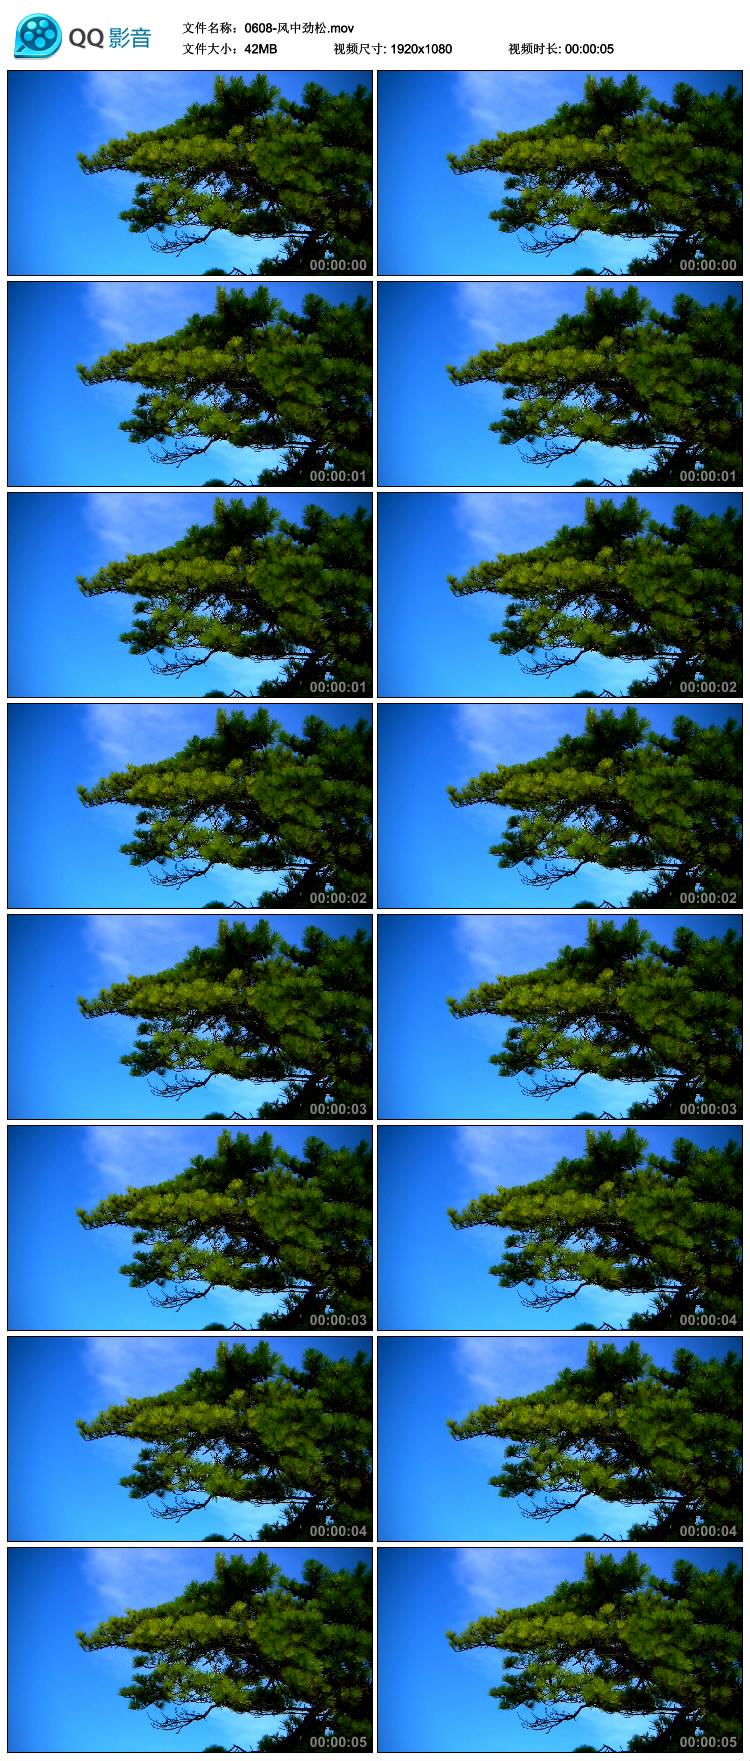 风中劲松 松树 松柏摇动 蓝天松树 中国高清实拍视频素材